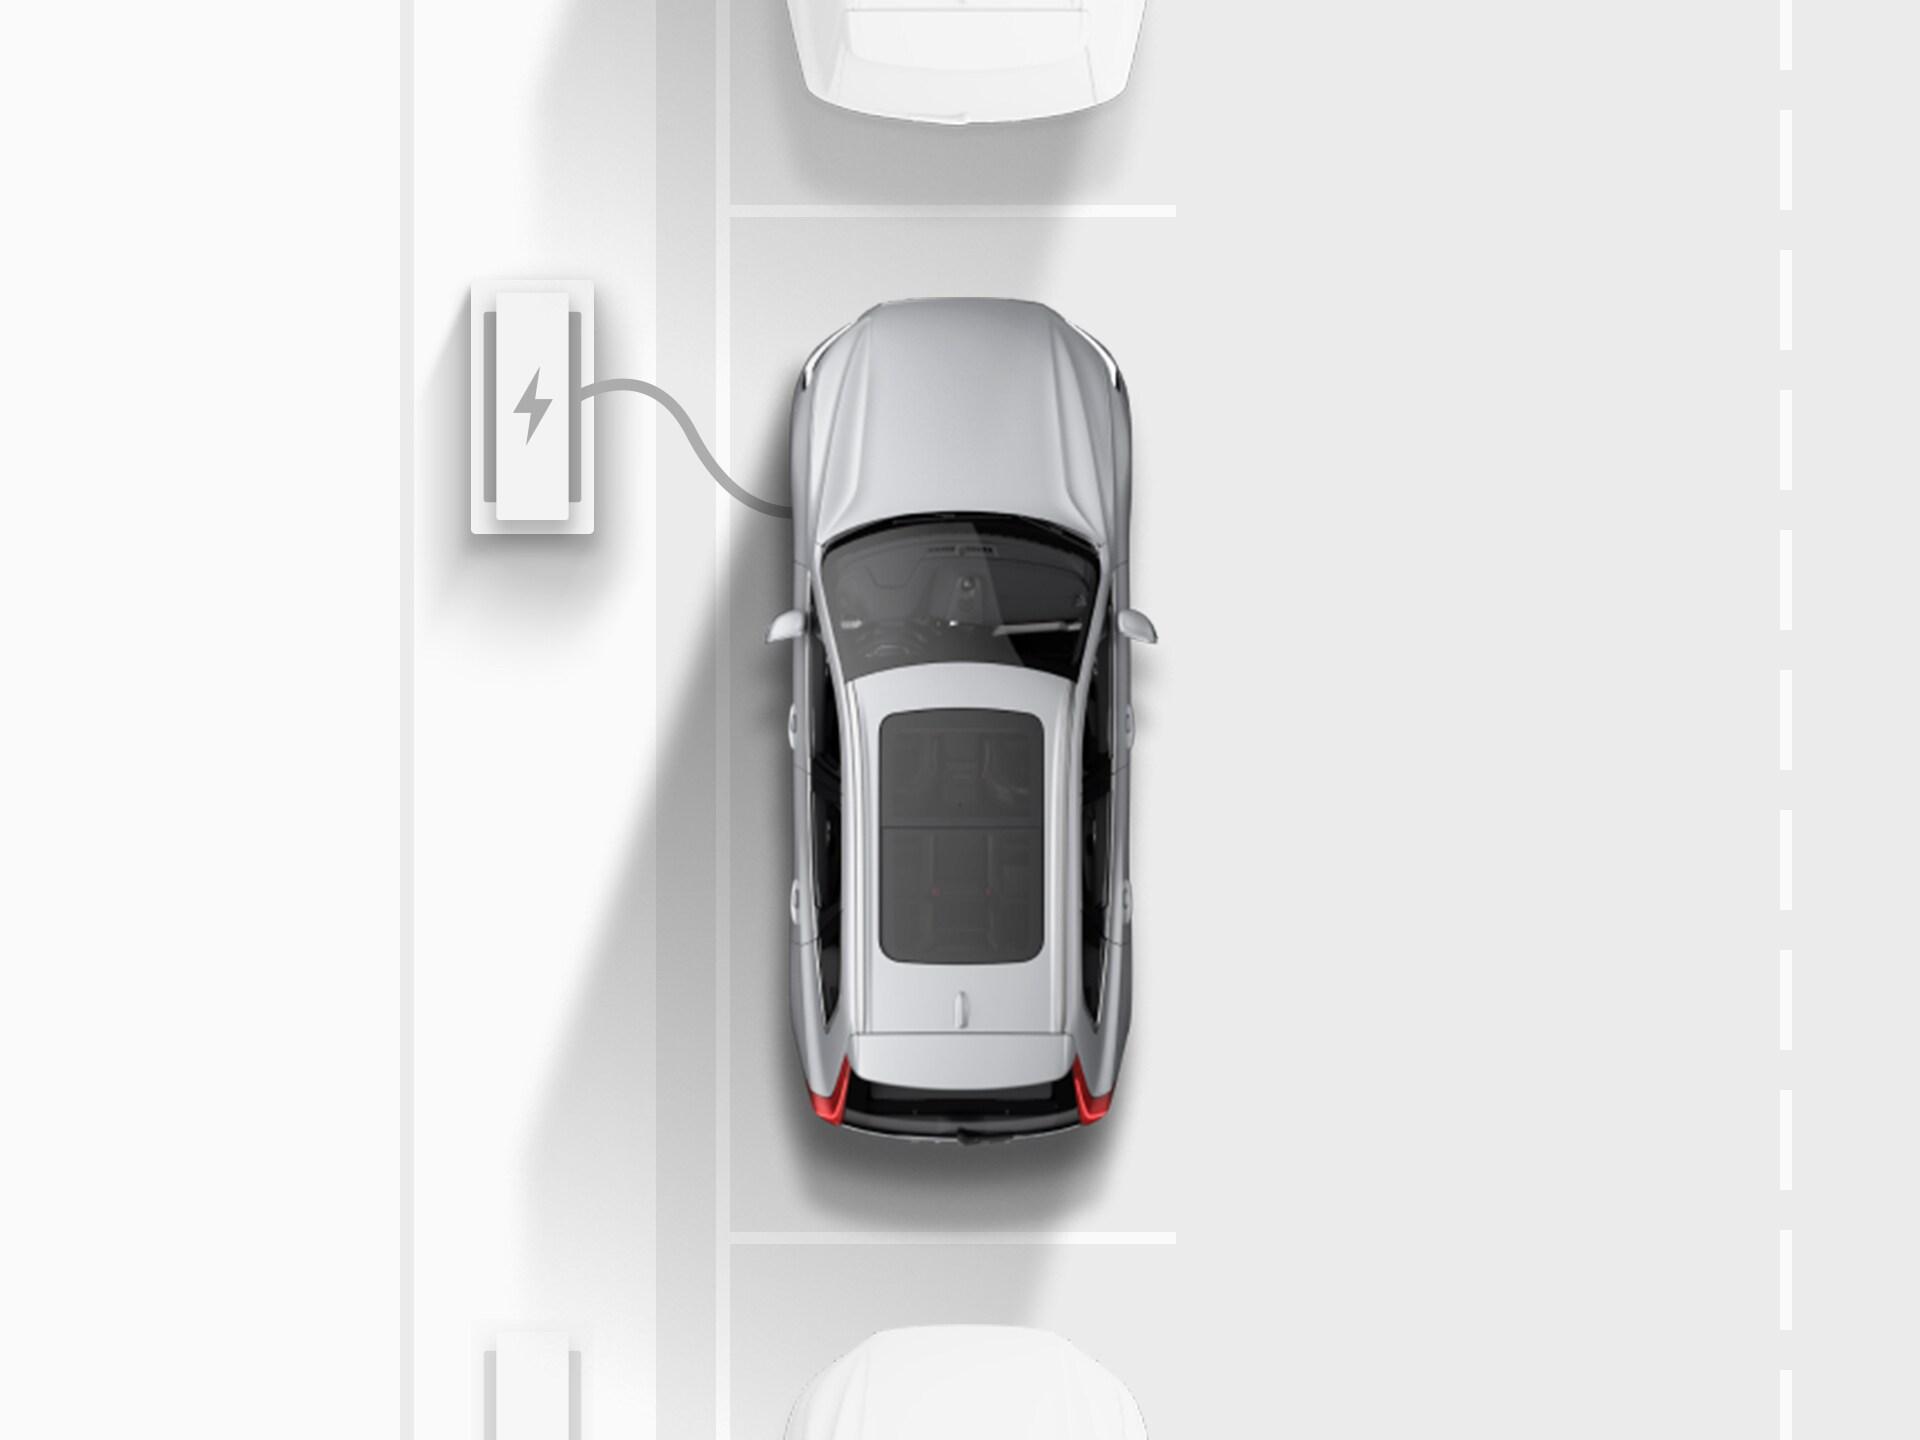 Vista dall'alto di un SUV Volvo X40 Recharge Pure Electric argento collegato a una stazione di ricarica nel parcheggio a pettine di una strada pubblica.